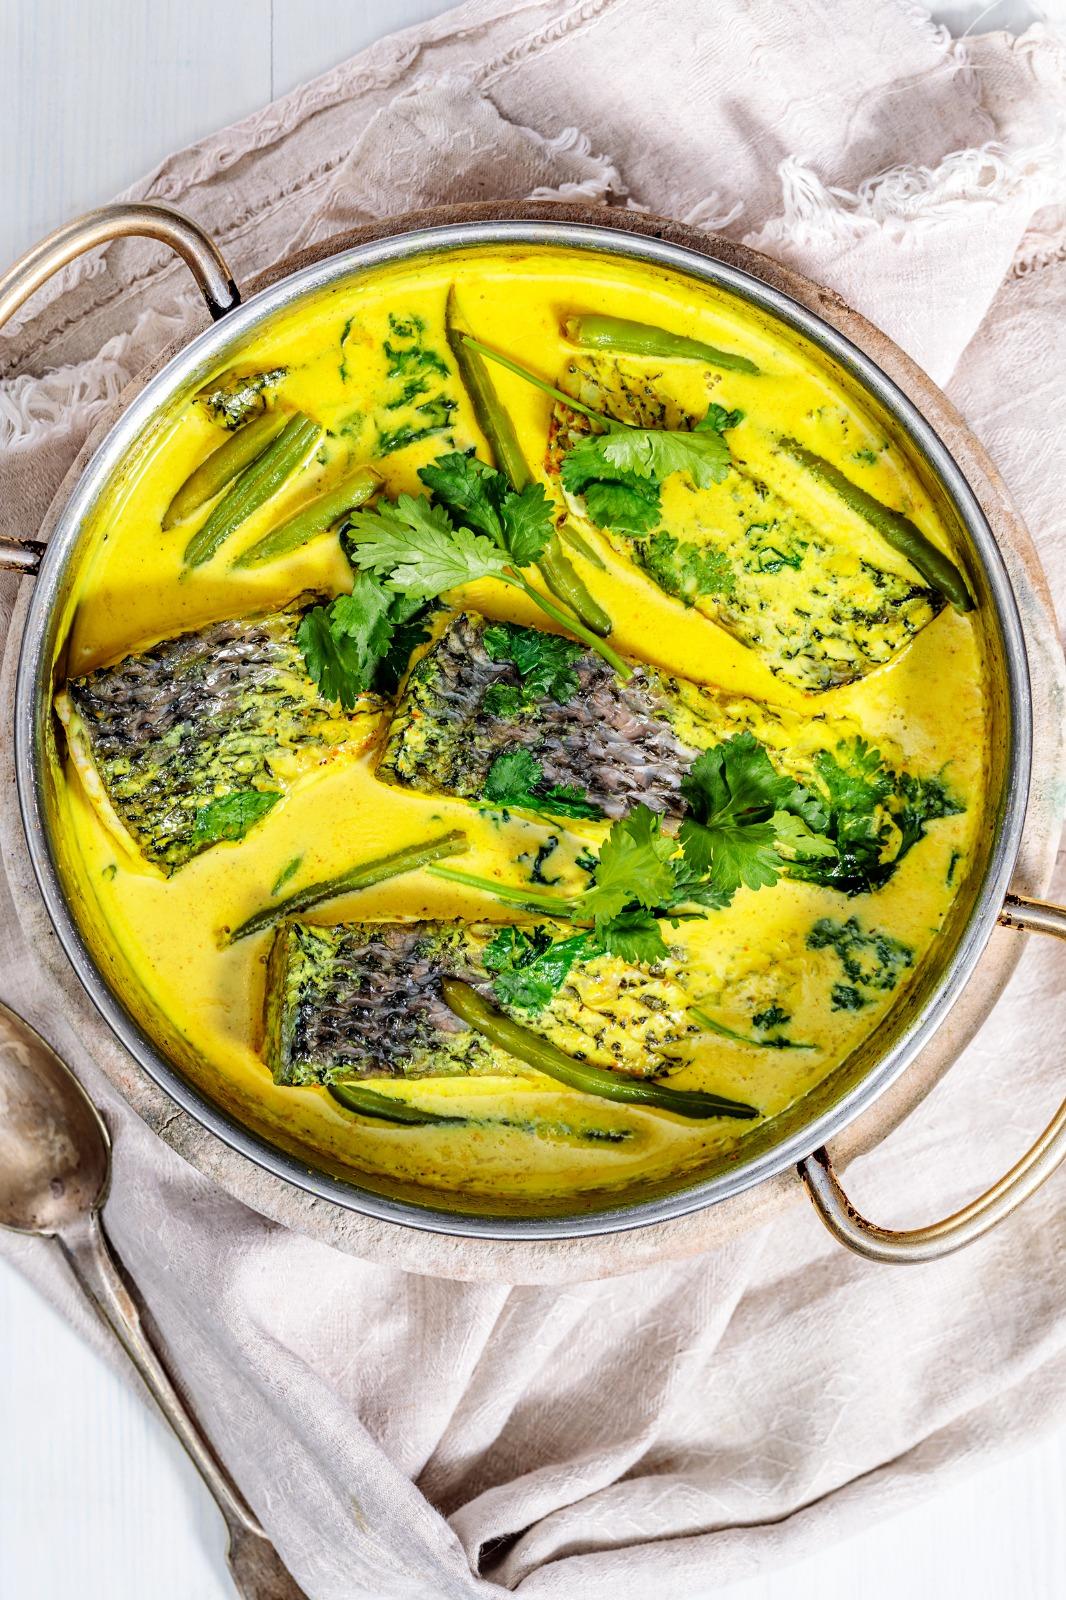 תבשיל דגים זה תמיד מפנק